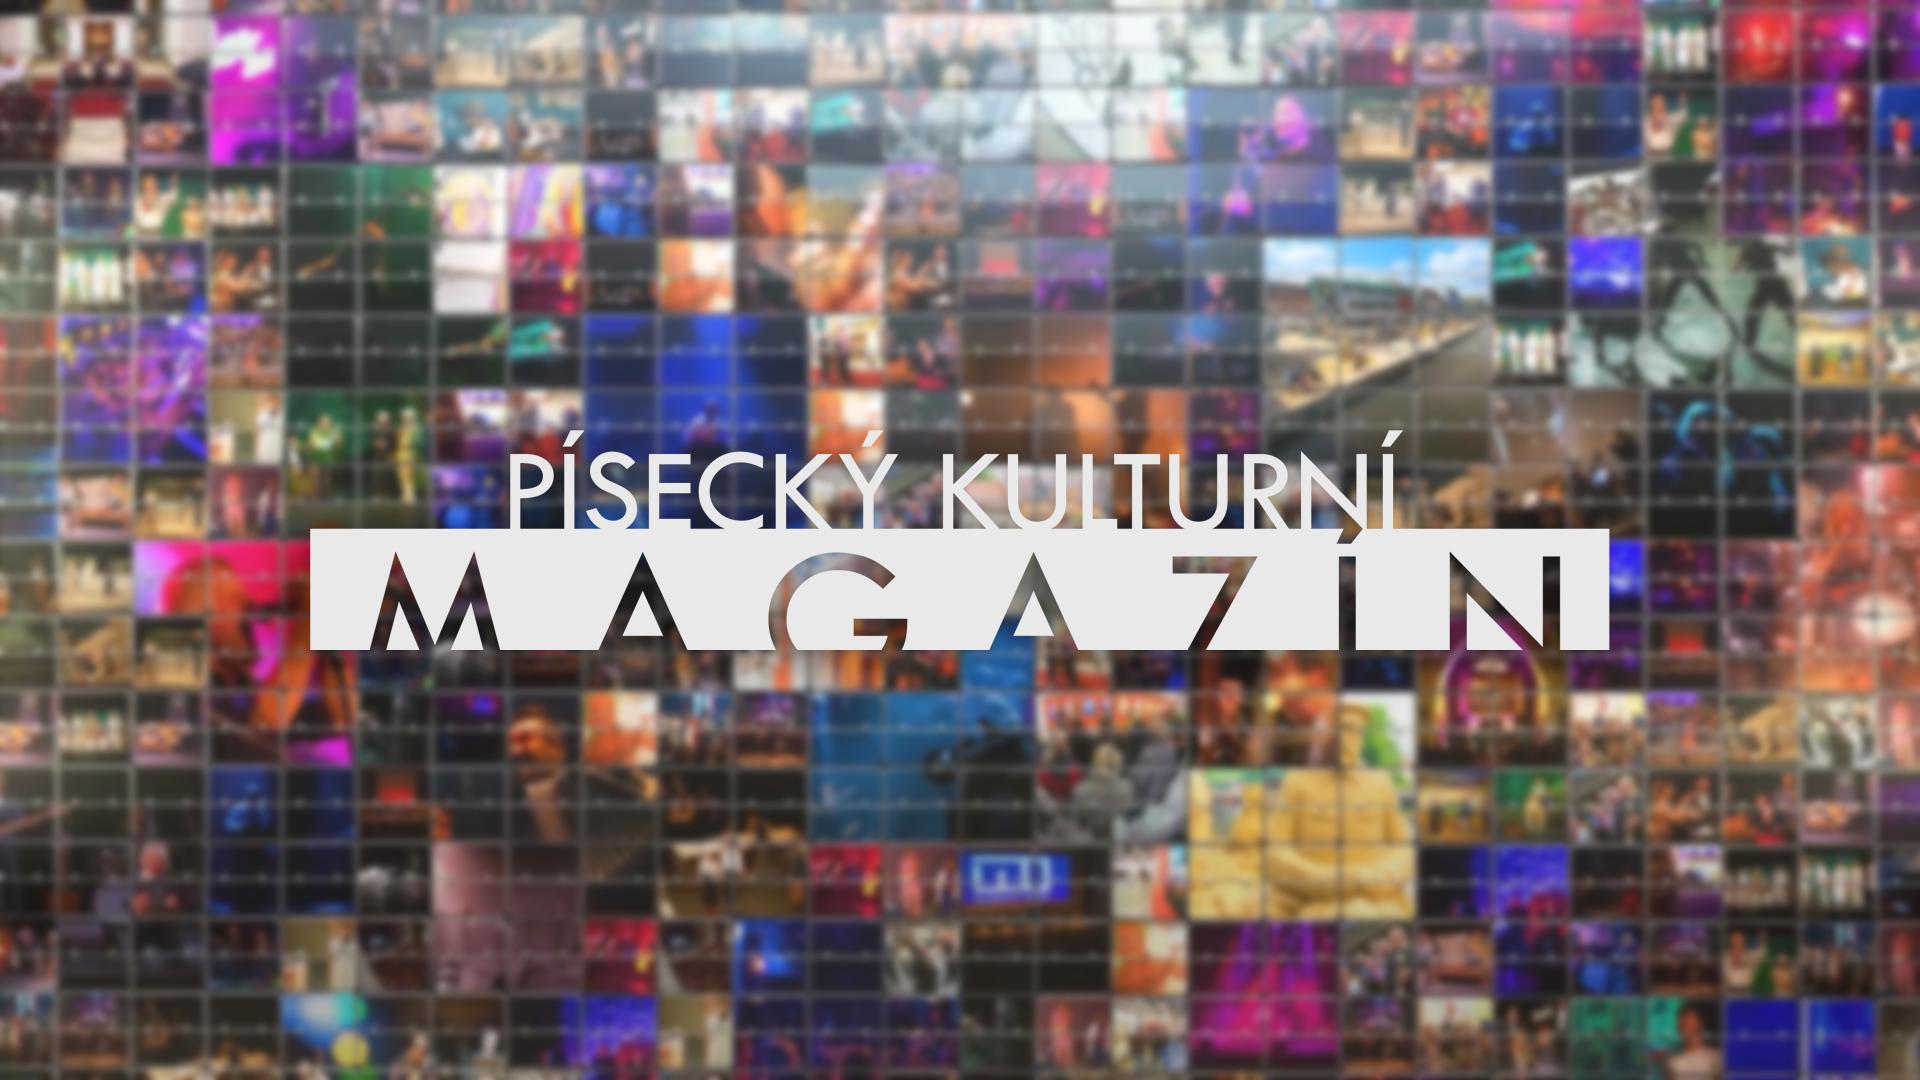 Písecký kulturní magazín